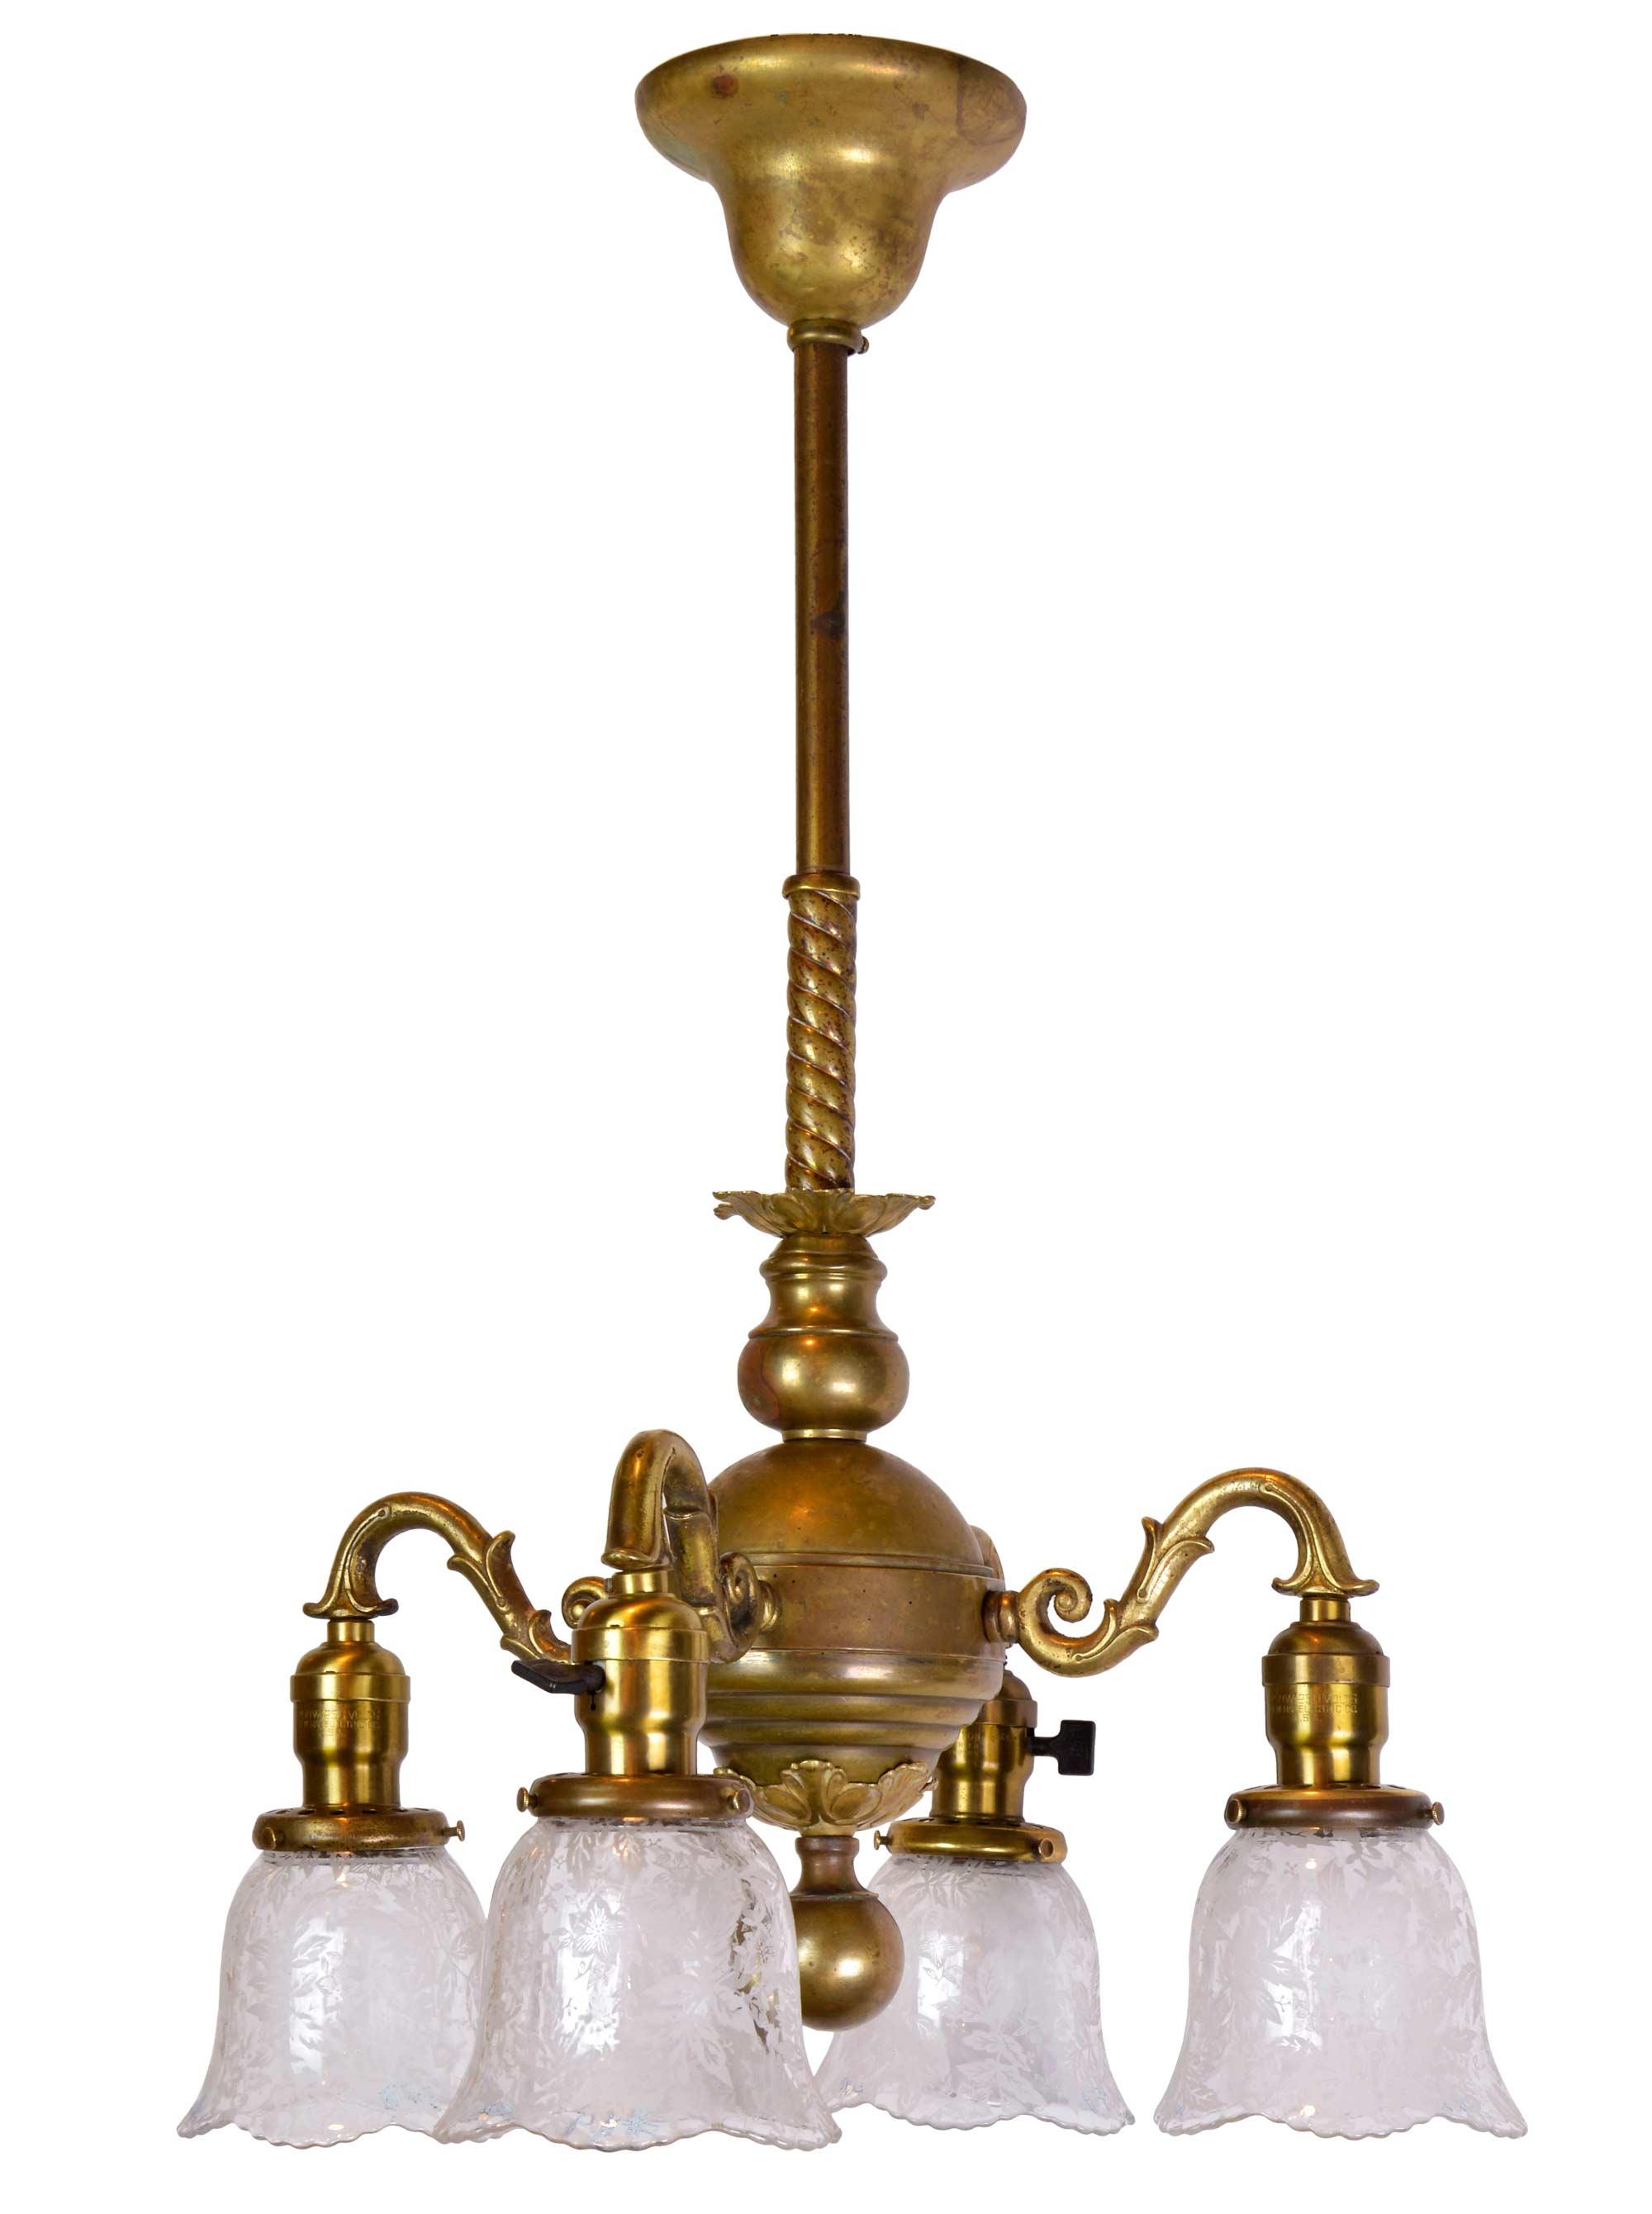 victorian 4-arm brass chandelier